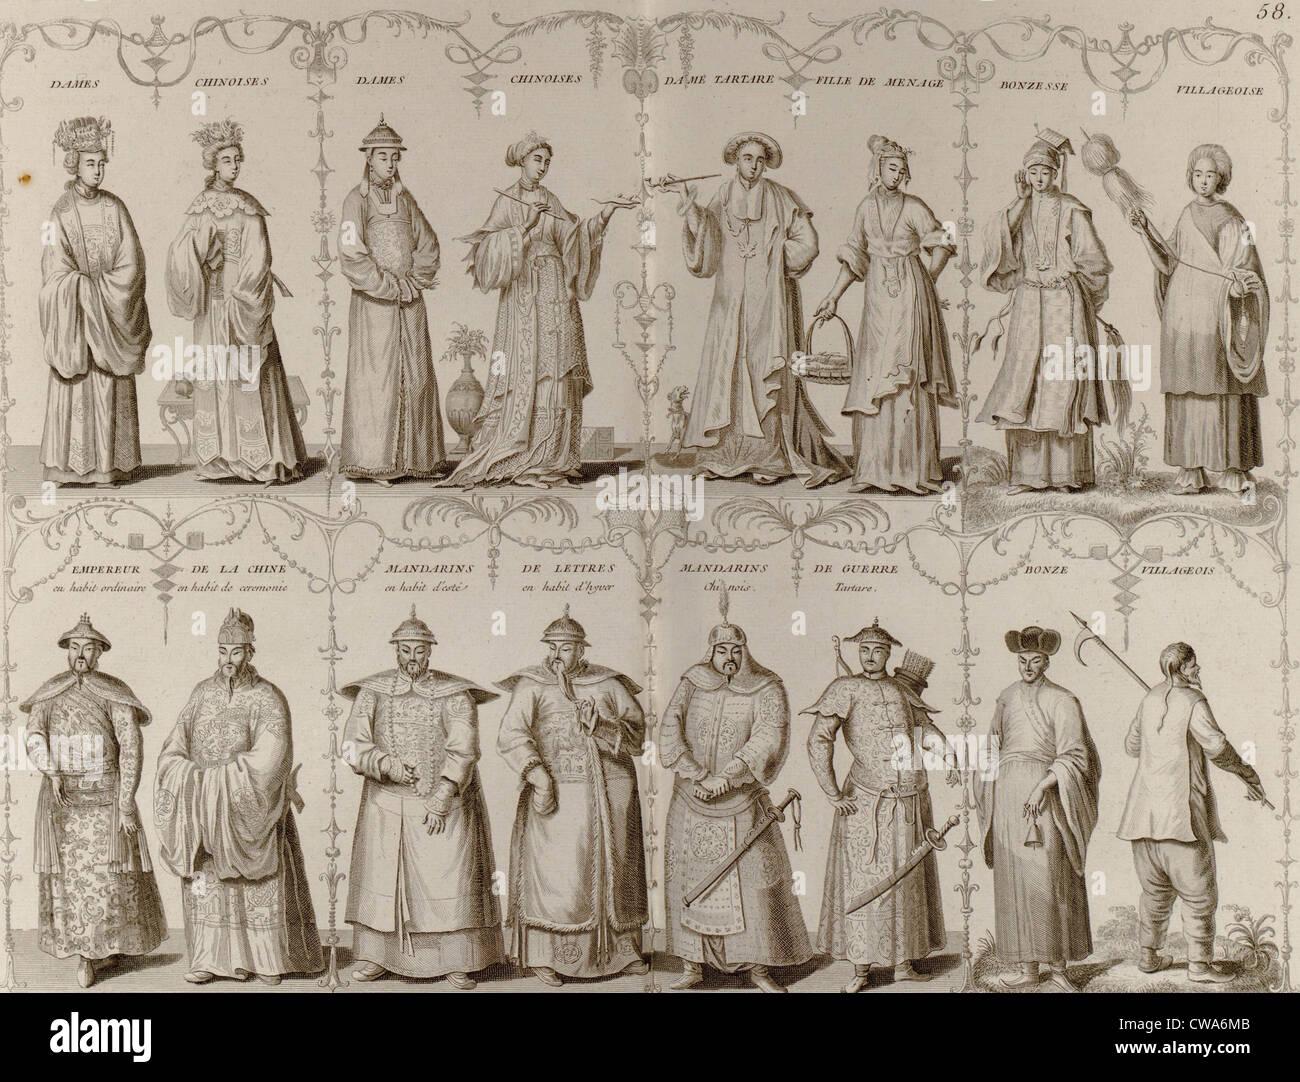 Grabado europeo del siglo XVIII representando chinos, hombres y mujeres de distintas clases sociales. Foto de stock